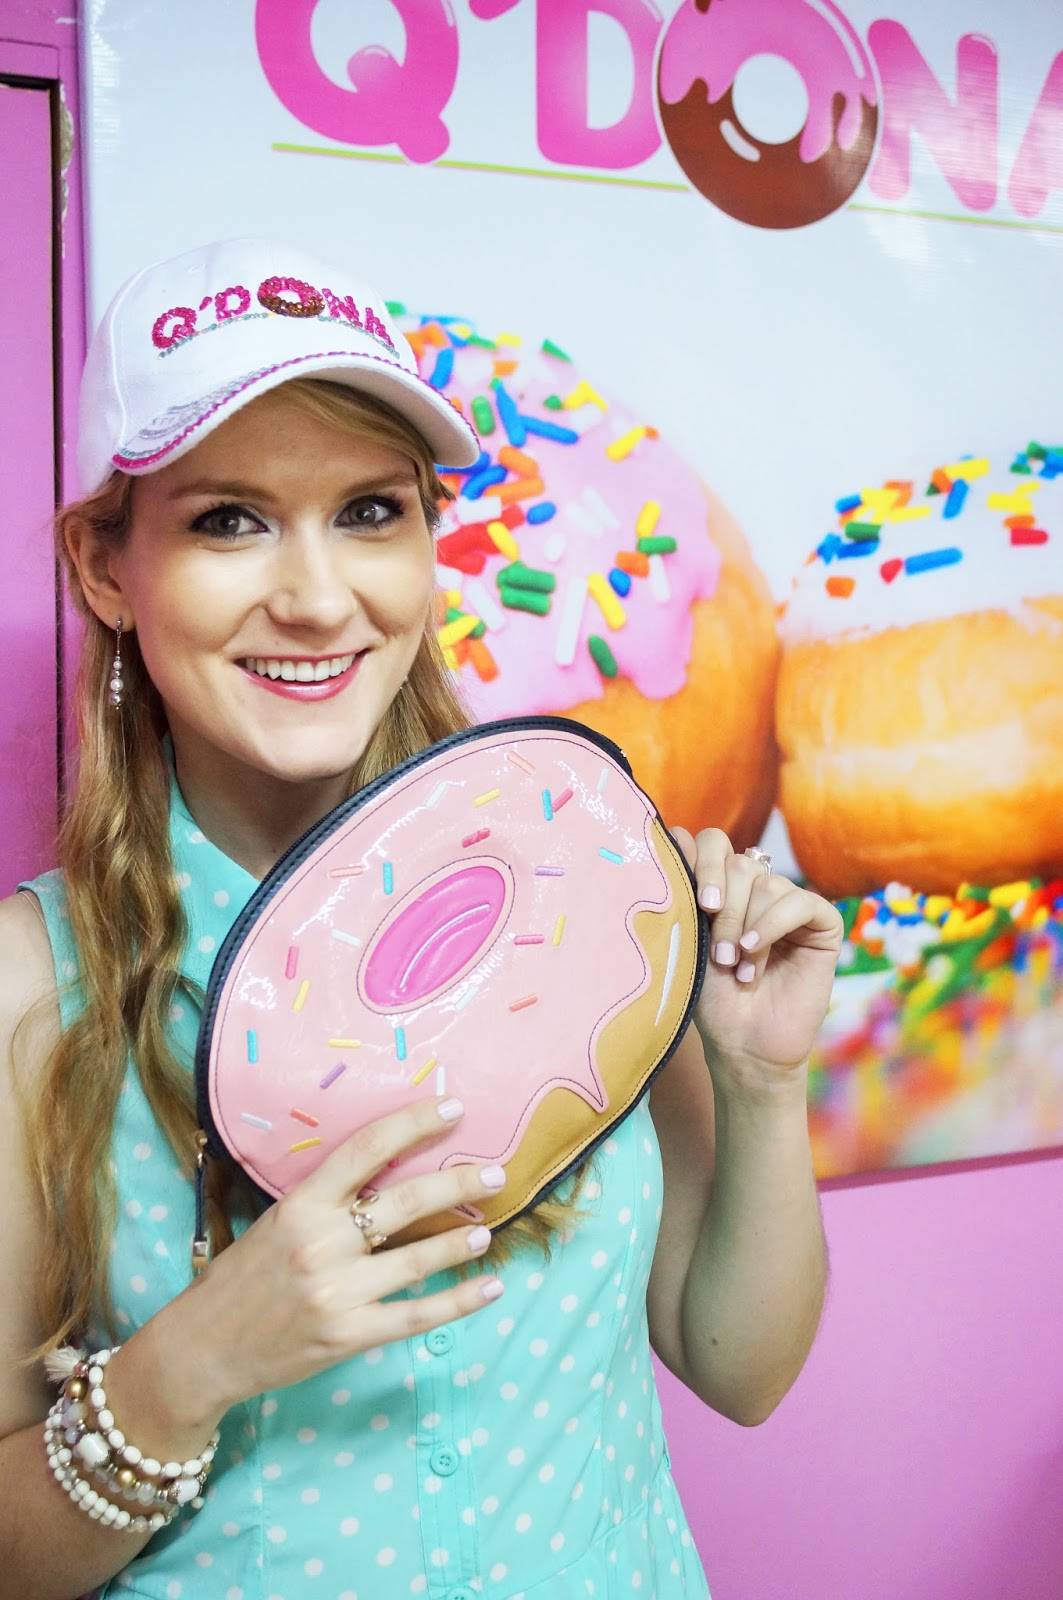 Delicious Doughtnuts at Q Dona, Panama City